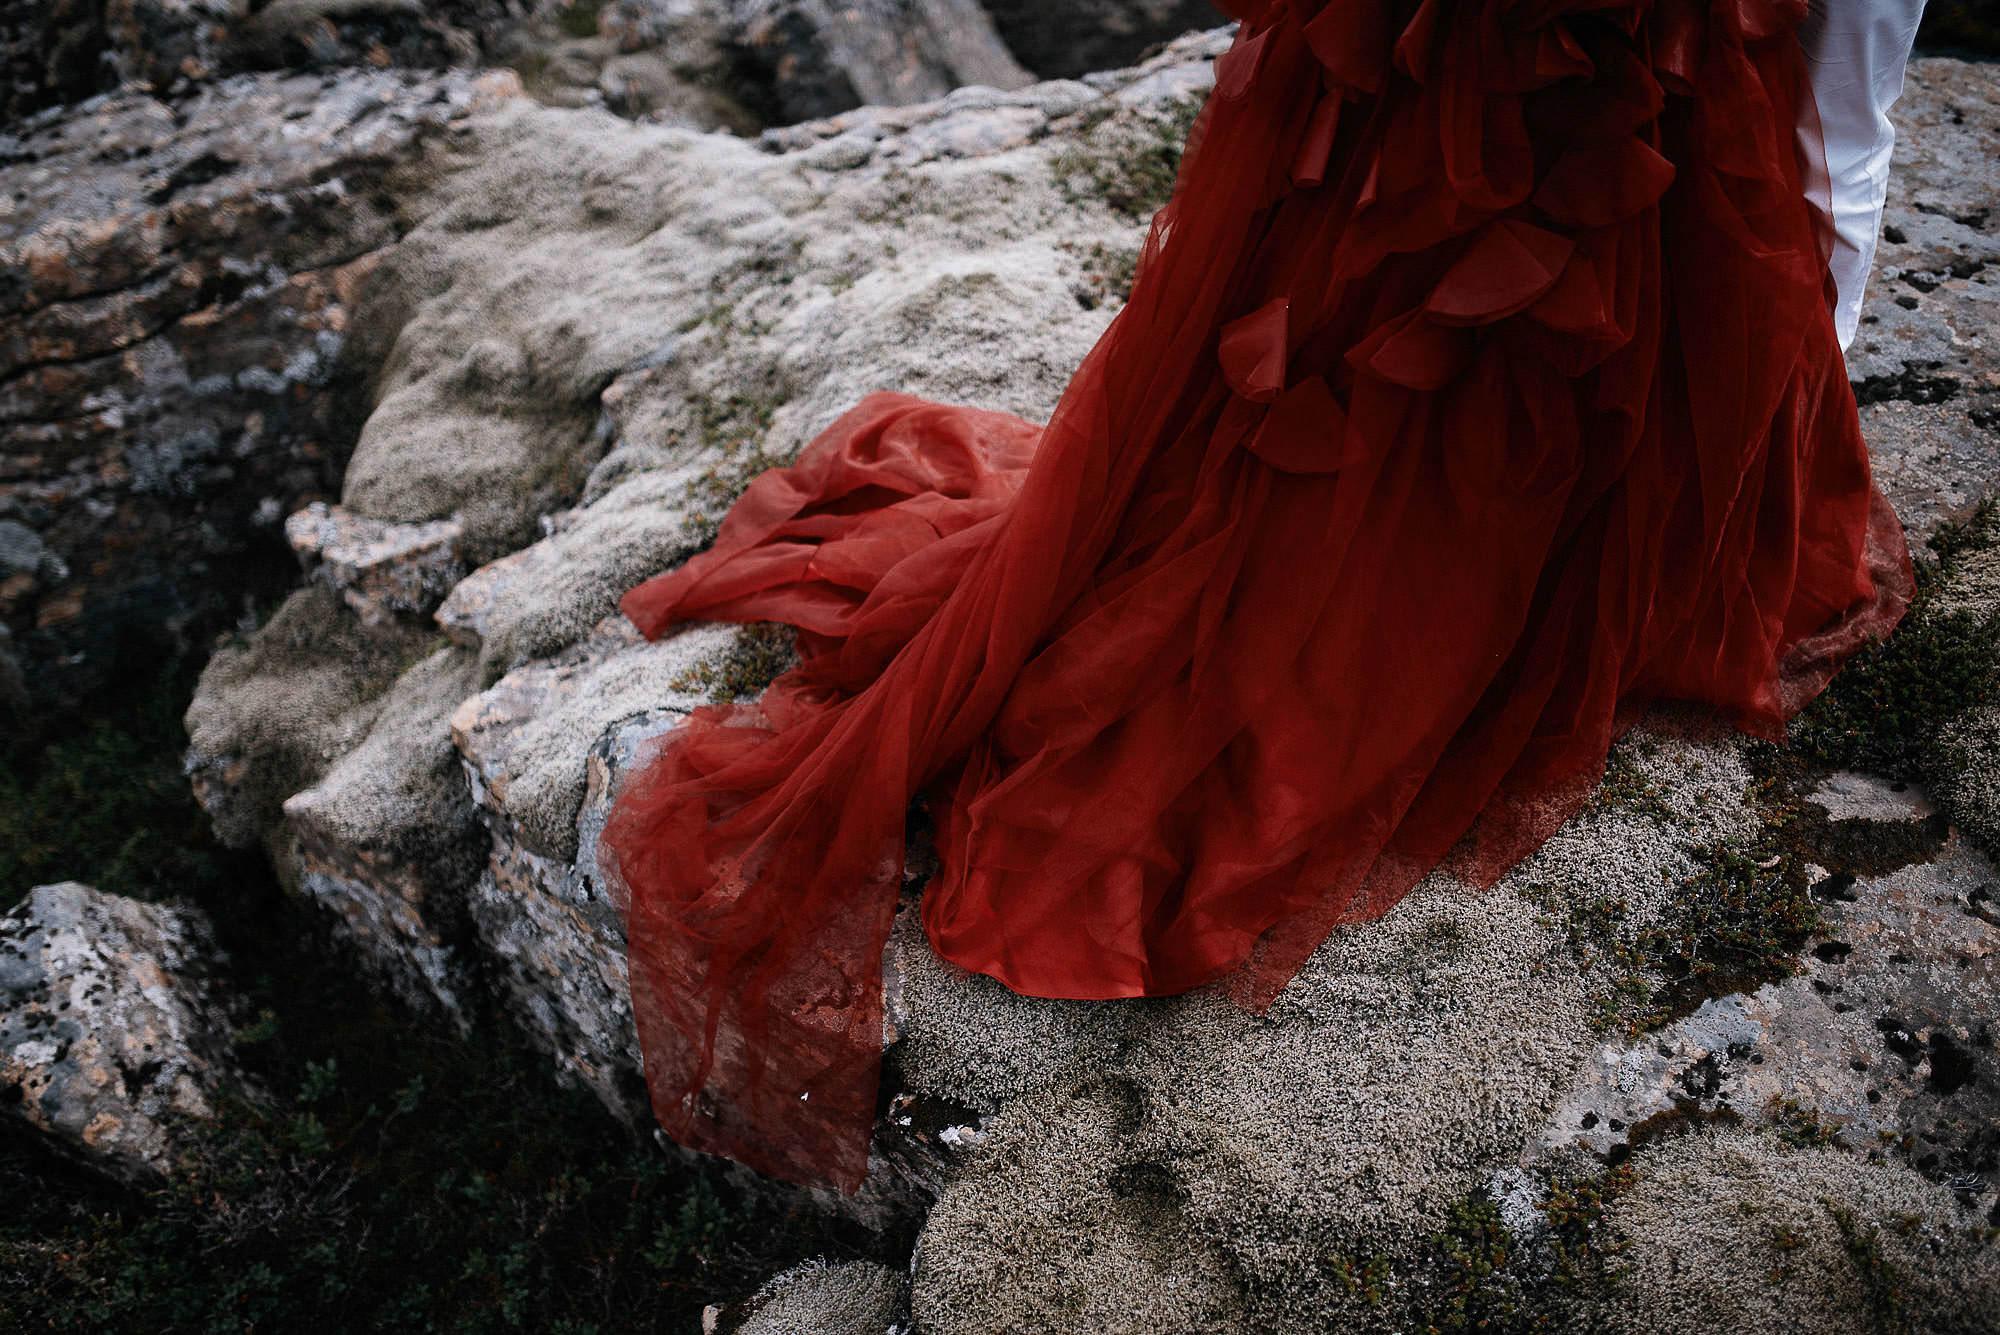 iceland-wedding-photographer_jere-satamo_photography-reykjavik-048.jpg